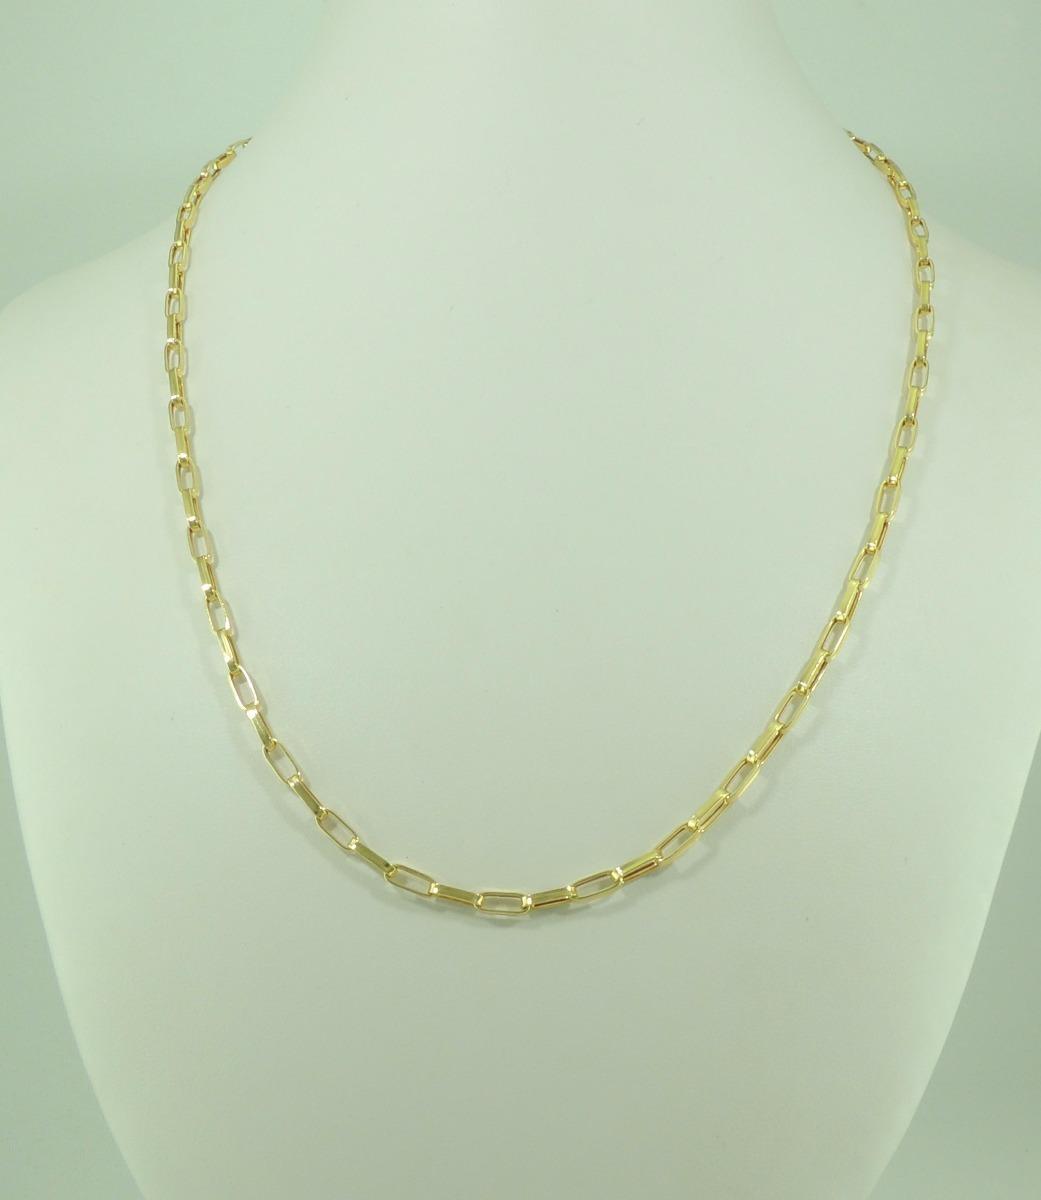 bd91478efe6 corrente cartier 55 cm + são jorge ouro 18k 750 colar. Carregando zoom.